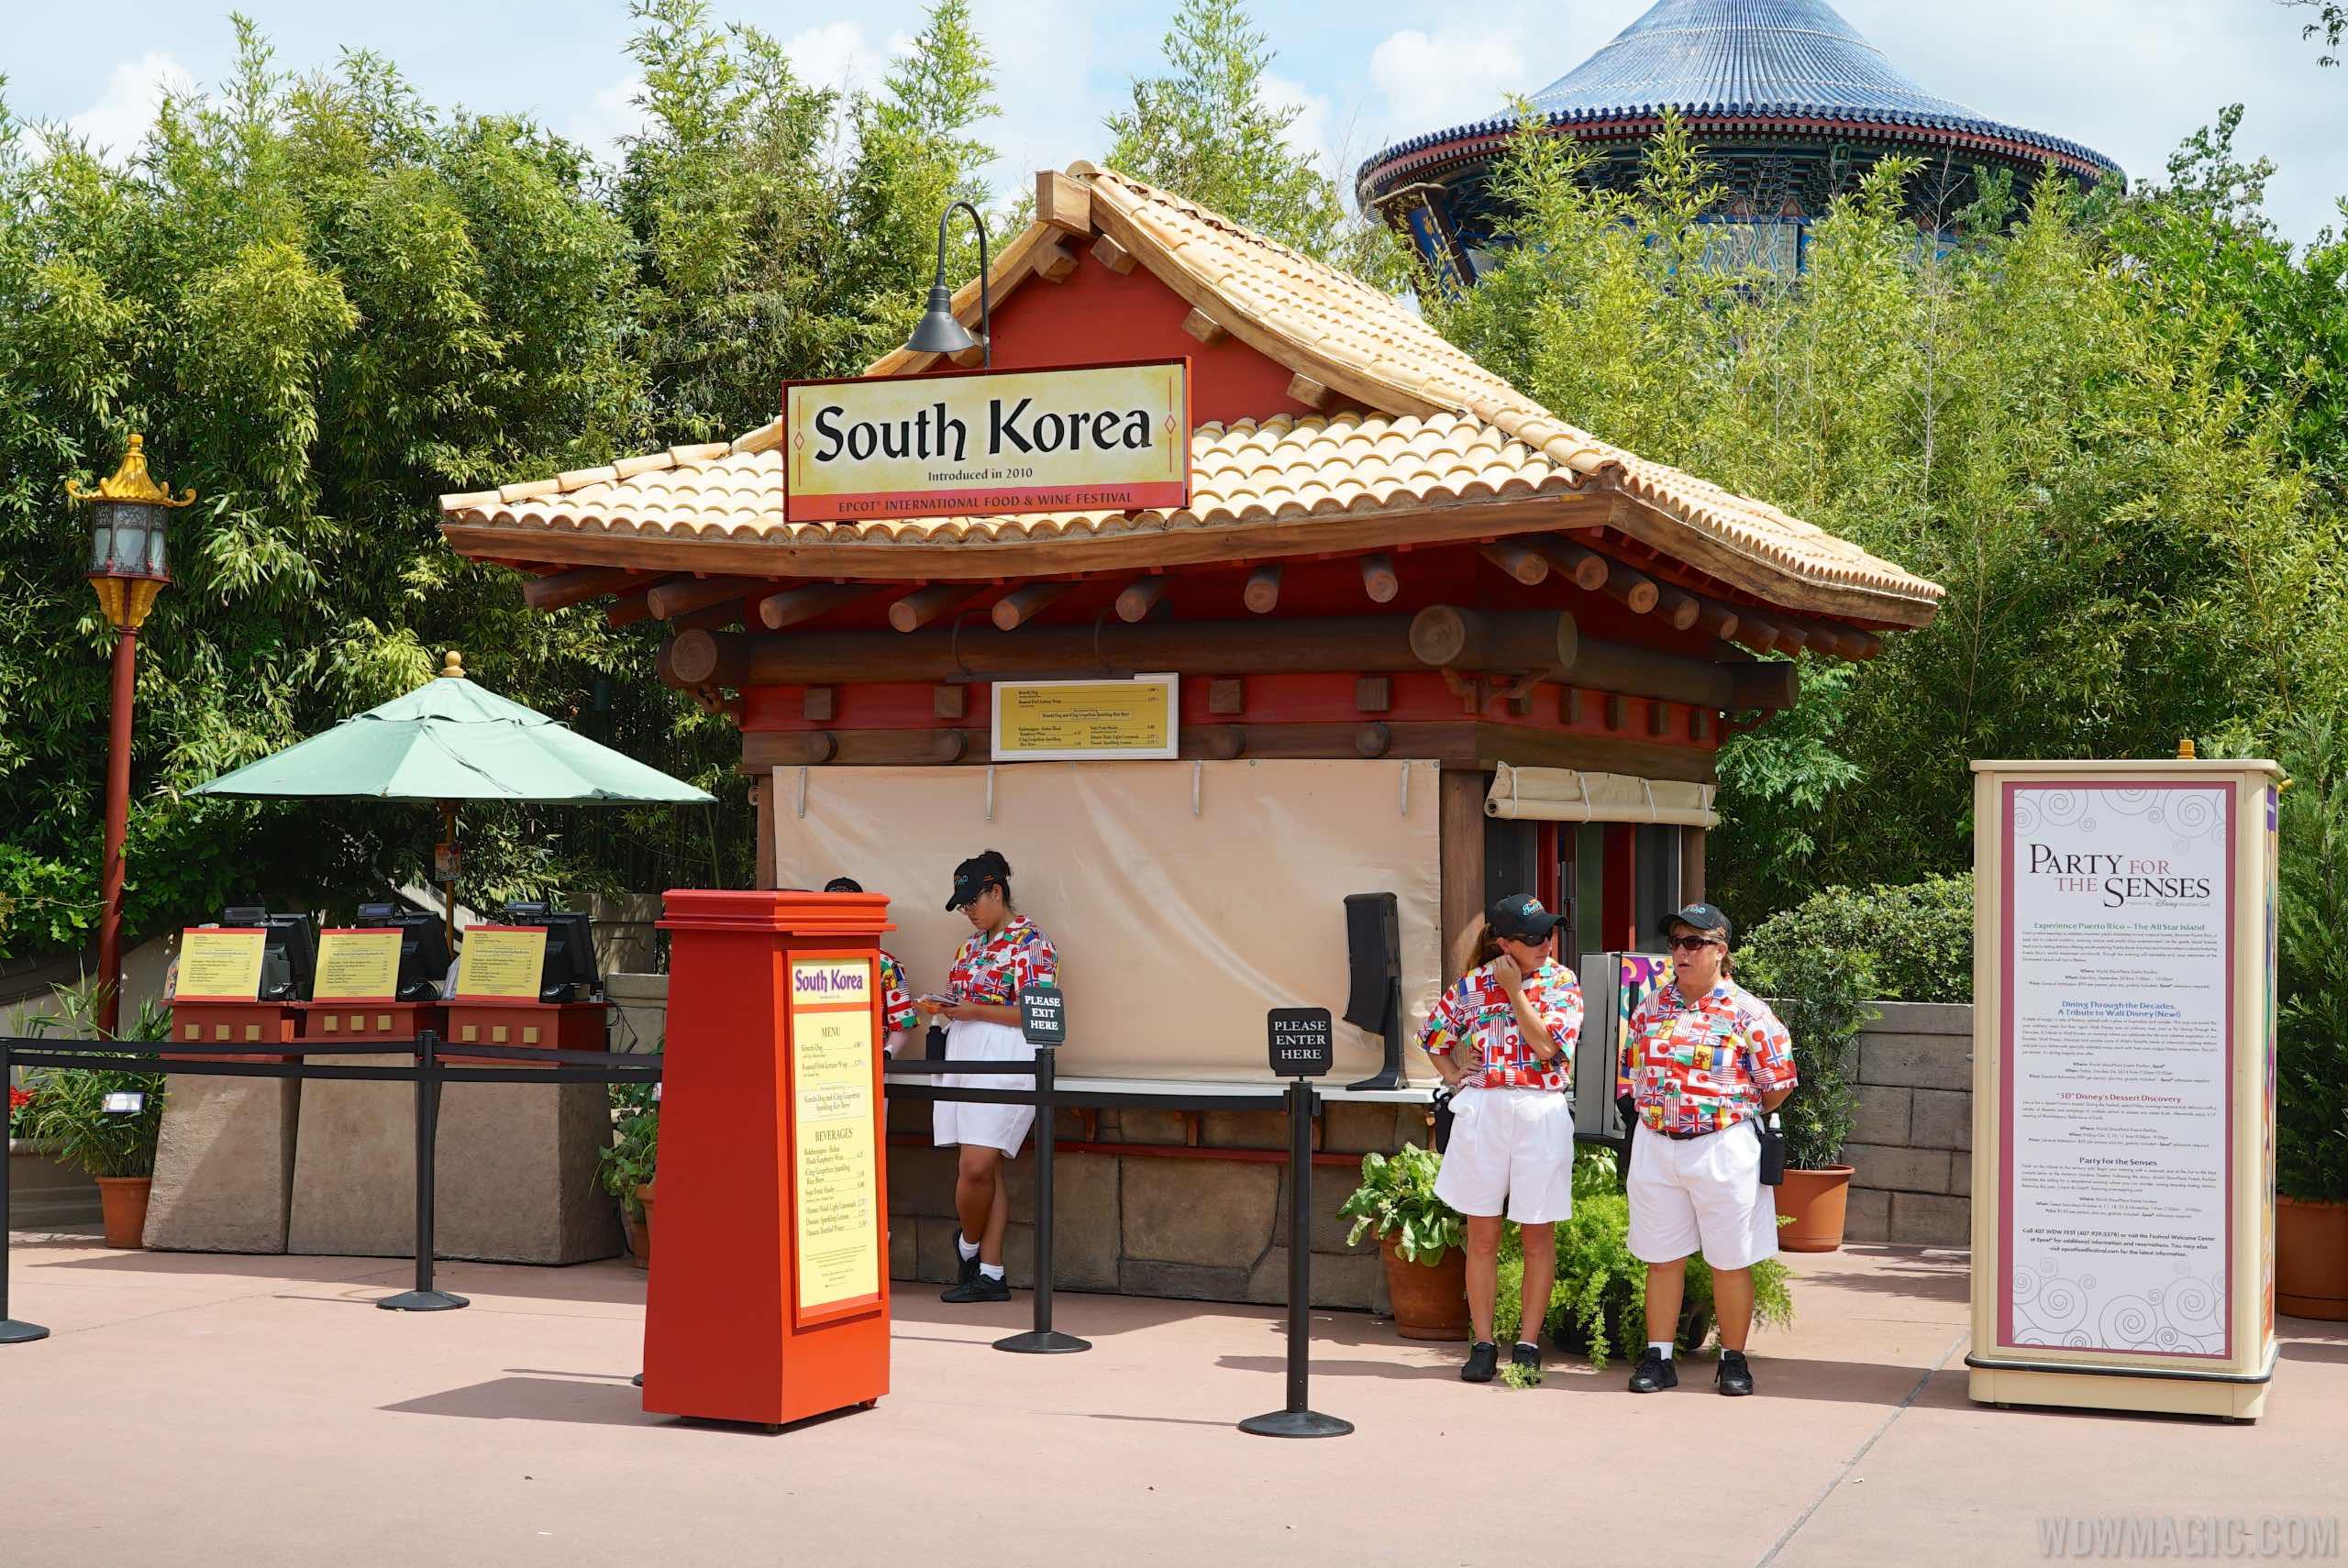 South Korea Food and Wine kiosk